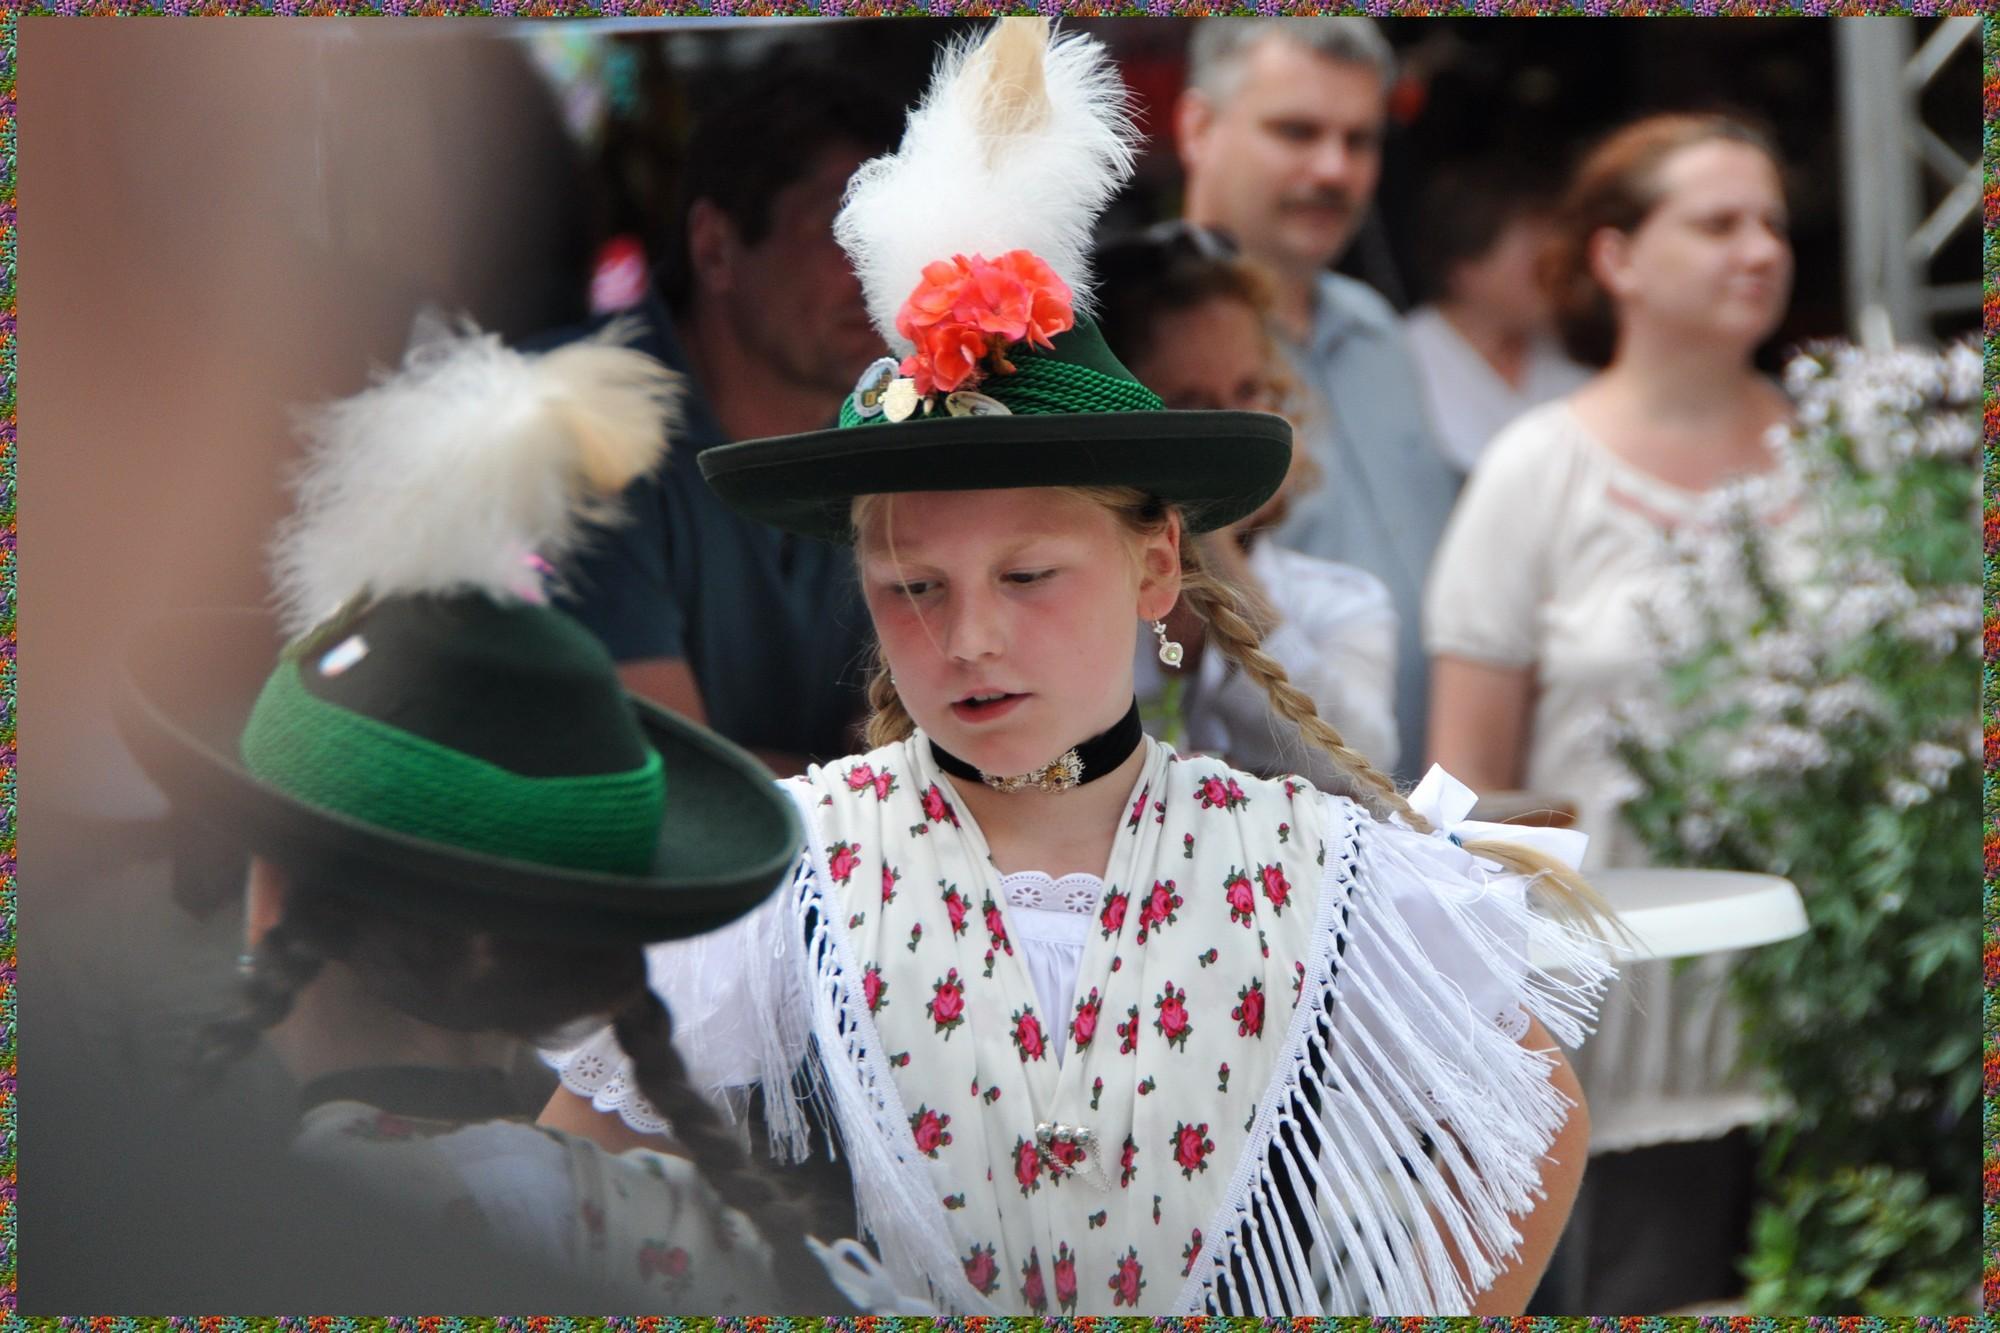 Petite fille habillée en costume local lors d'une Fête folklorique à Berchtesgaden